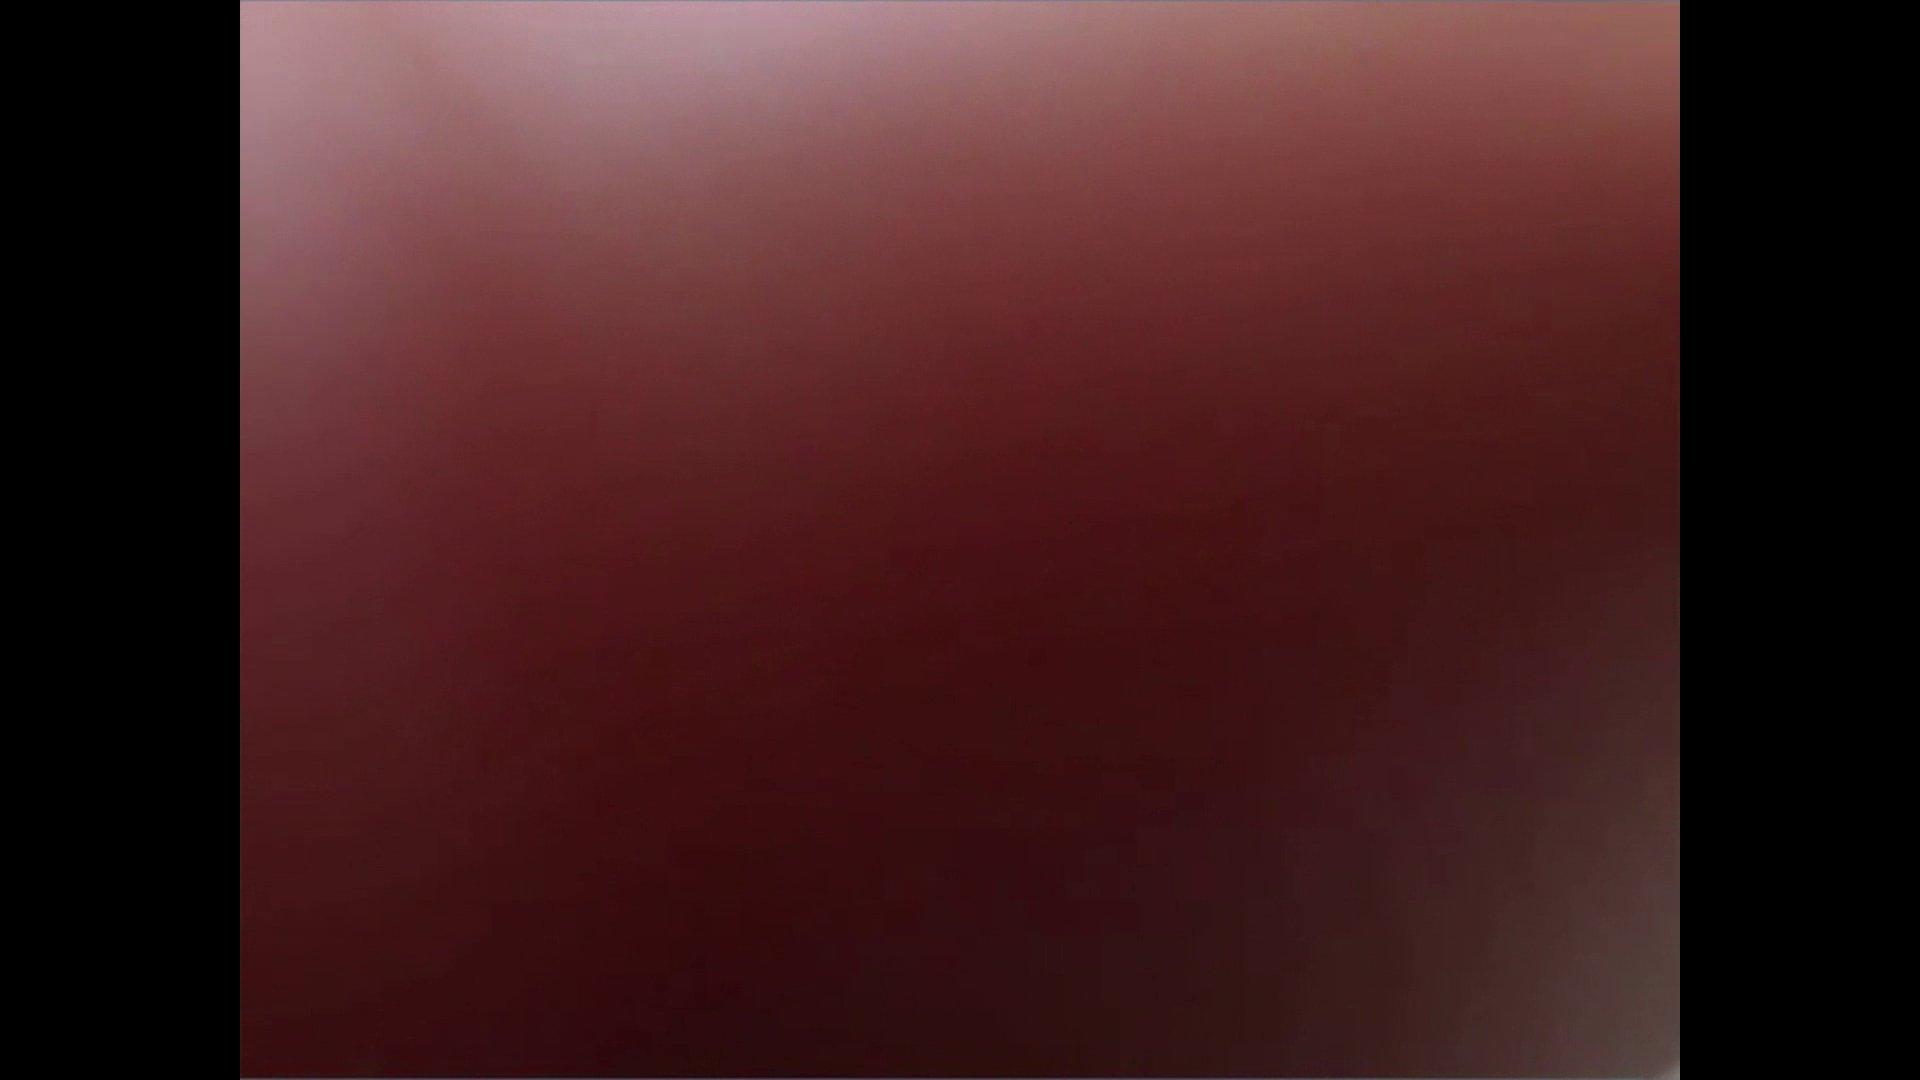 ライブチャットオナニー覗きvol.21 オナニー流出 盗撮セックス無修正動画無料 59連発 19